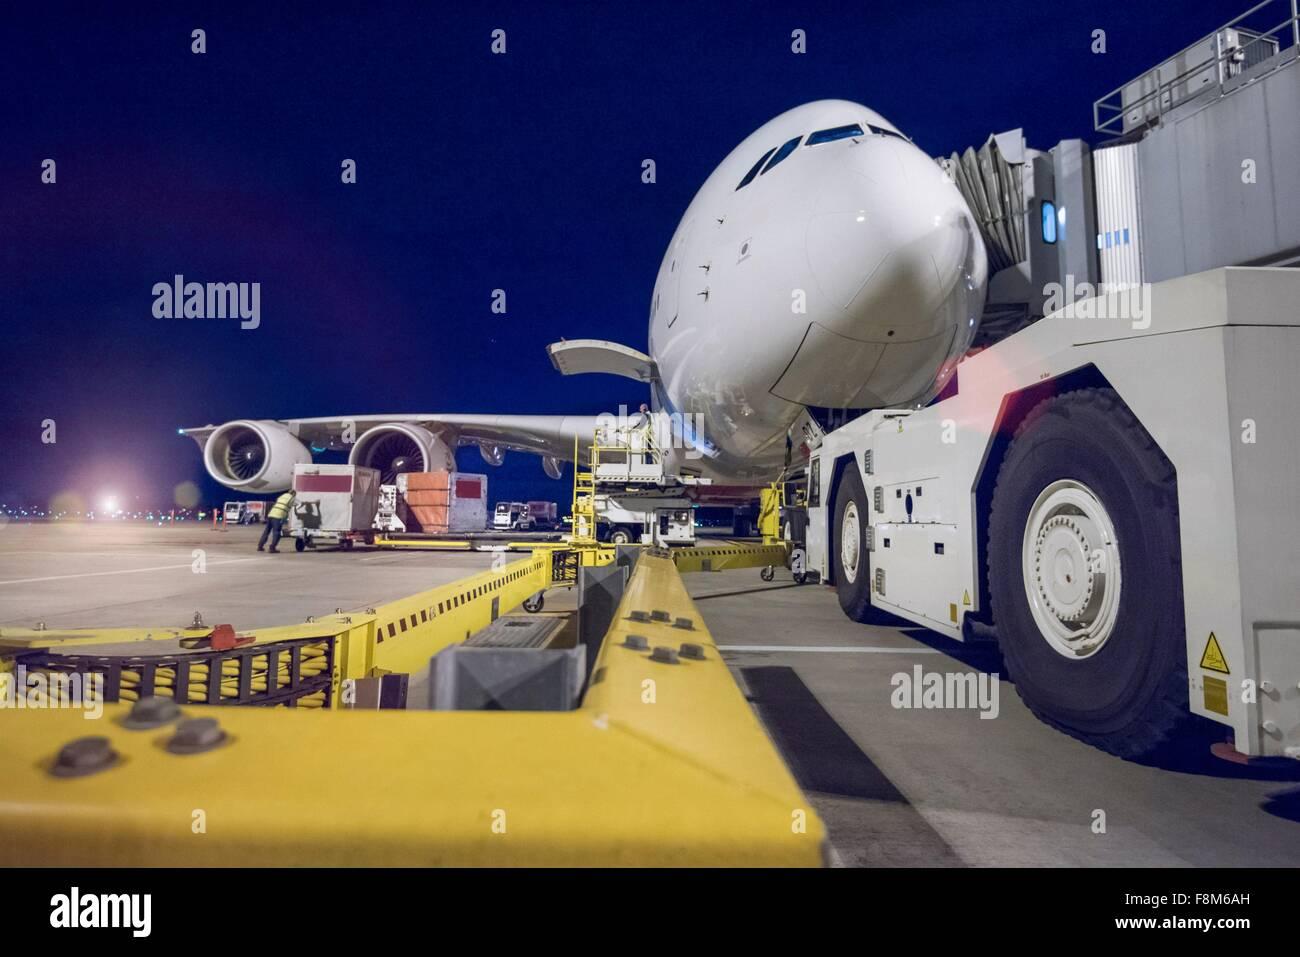 Noche sobre aviones A380 en el stand en el aeropuerto Imagen De Stock